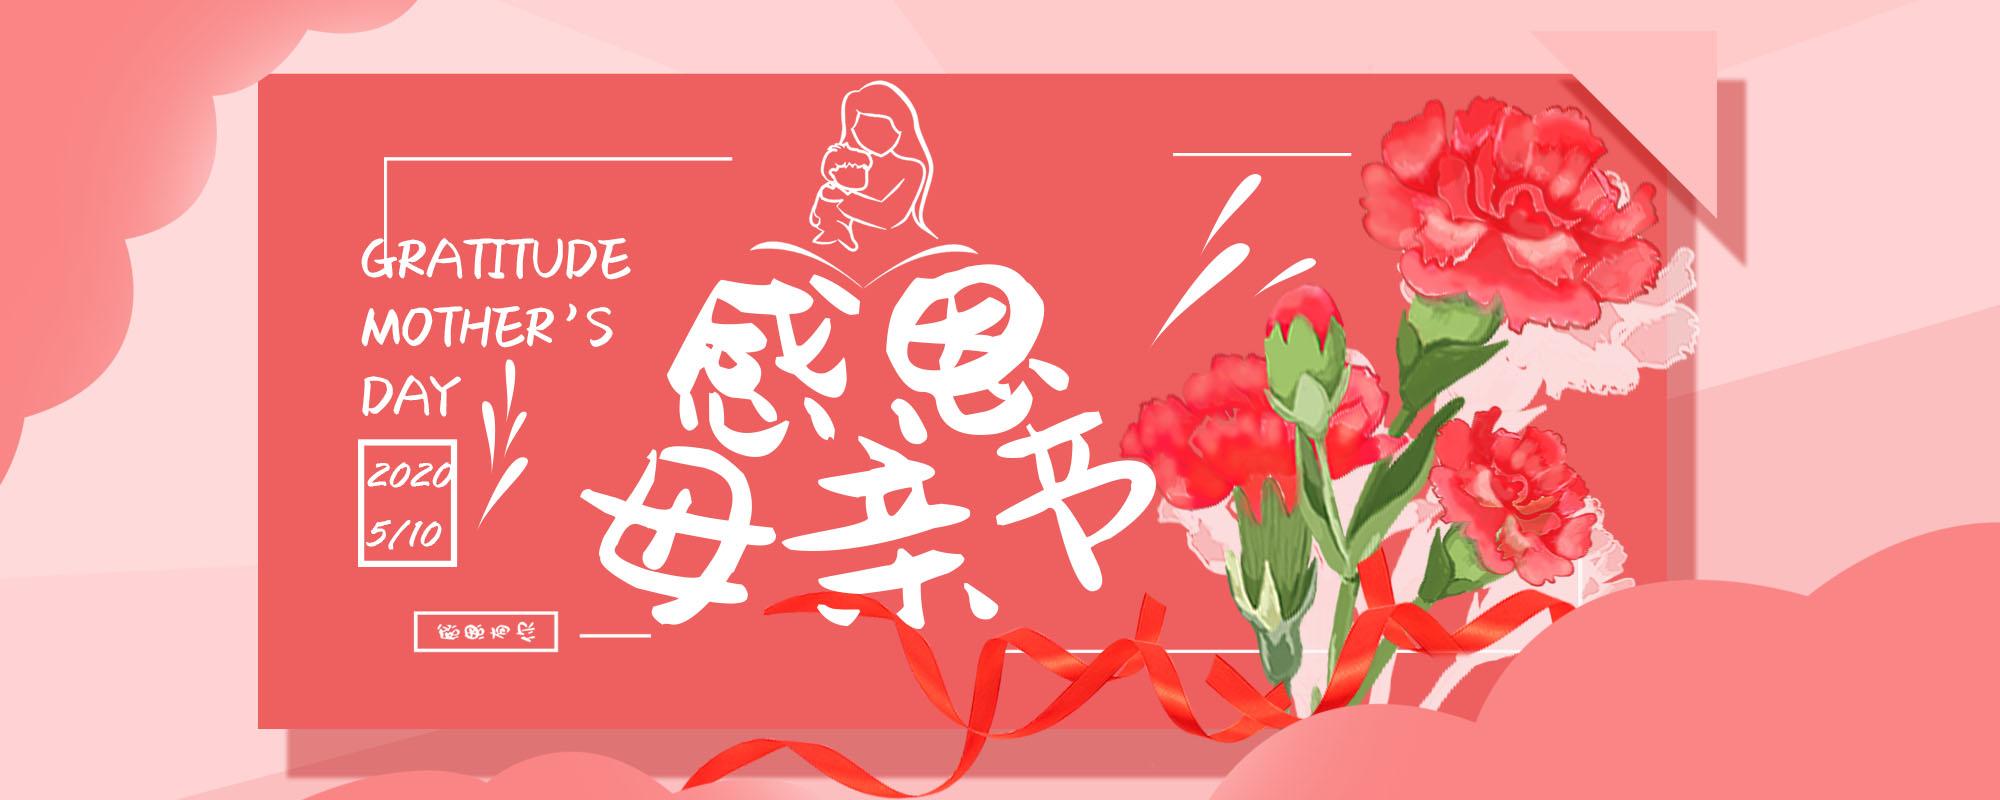 【母親節】—— 大聲說出愛!